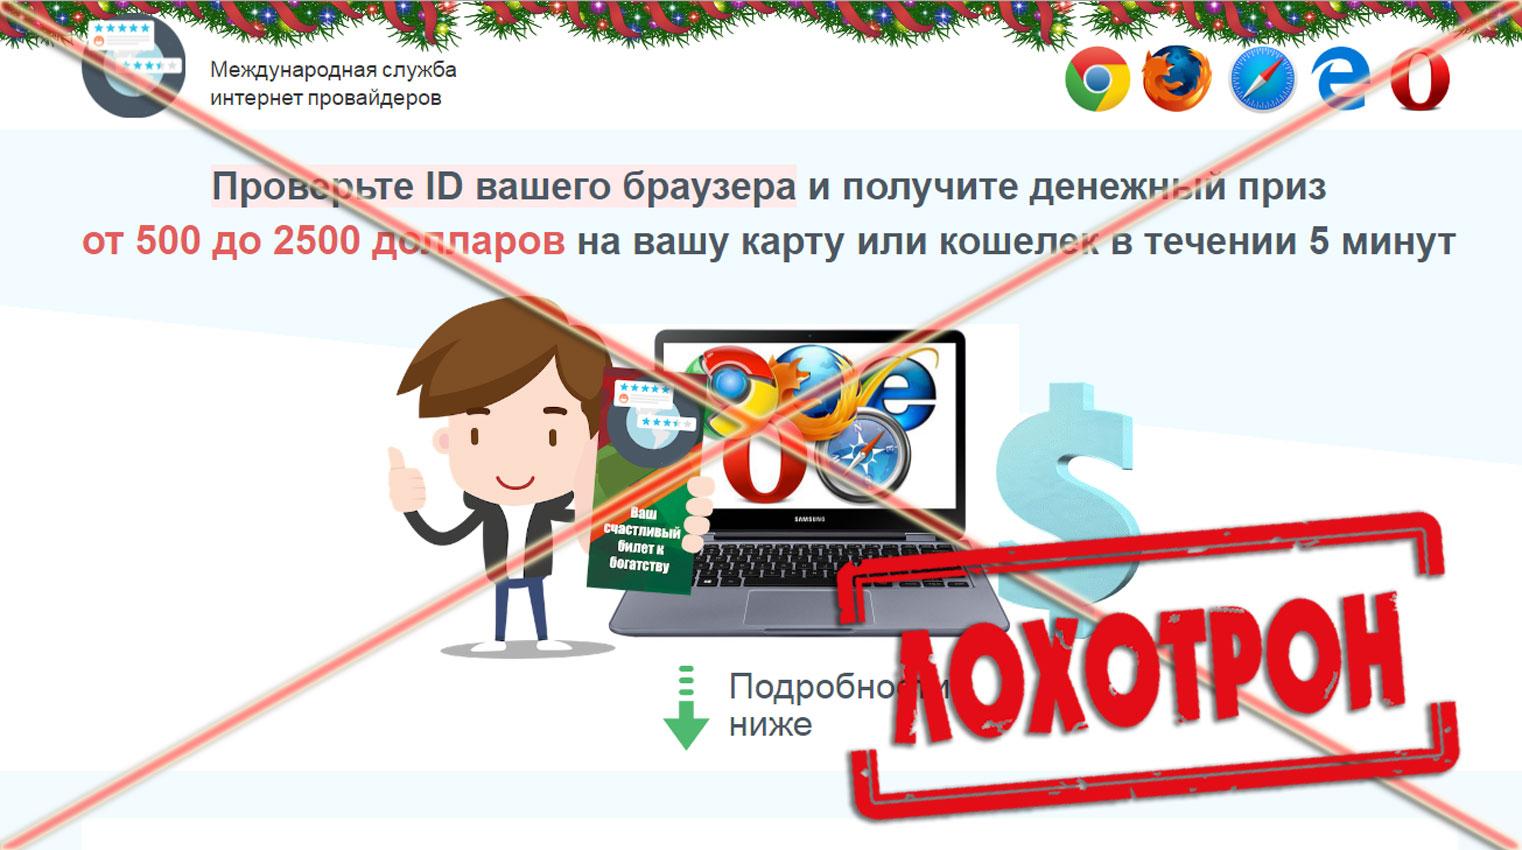 [Лохотрон] Международная служба интернет провайдеров – отзывы об обмане